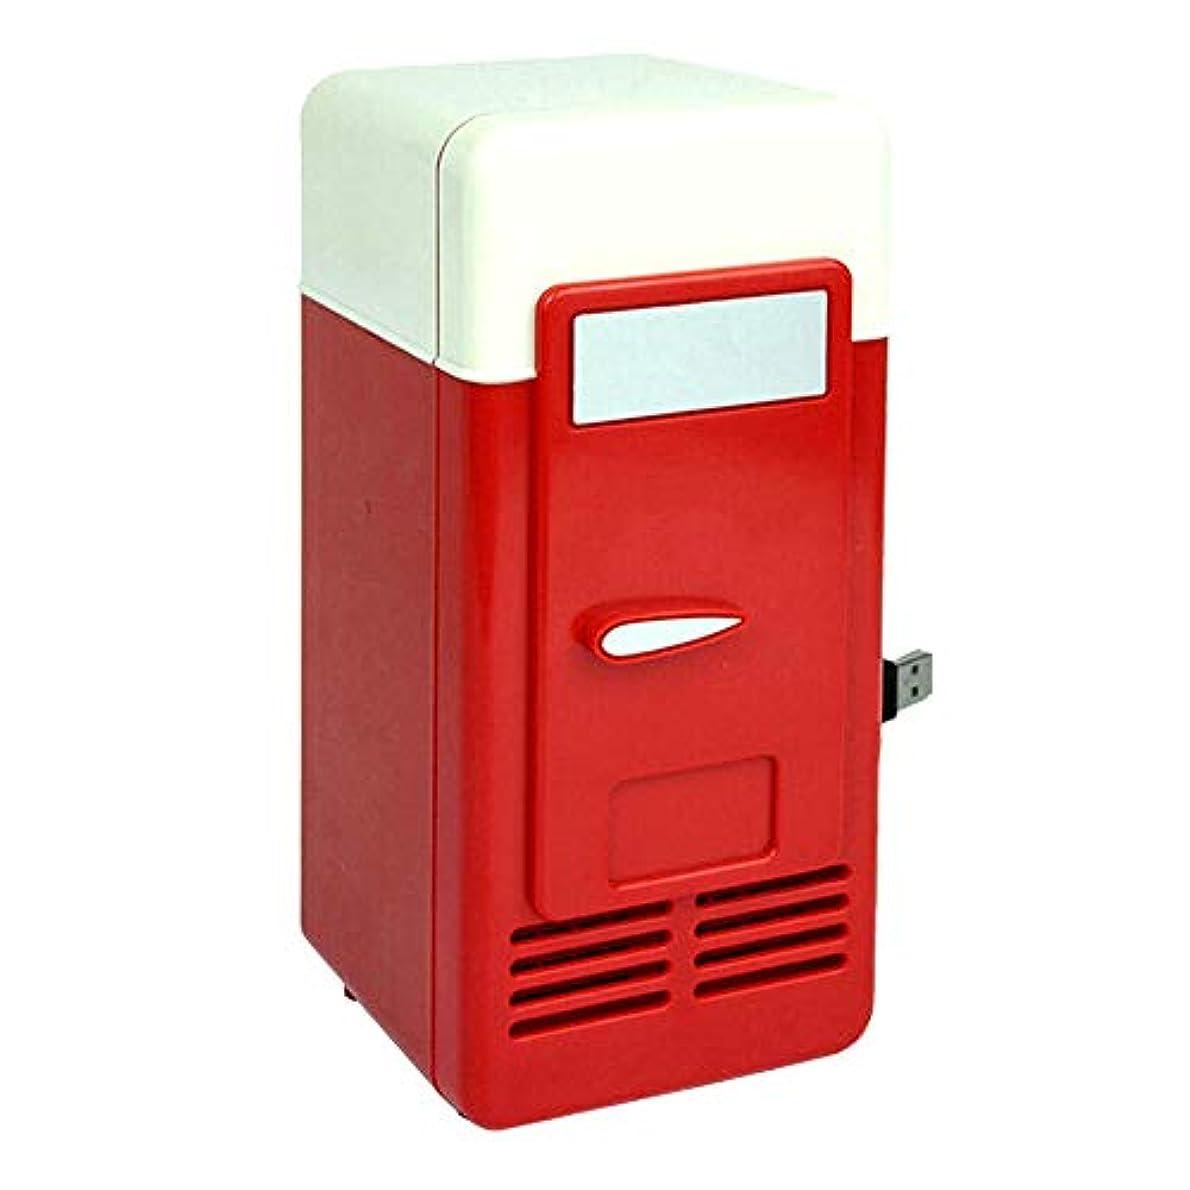 嬉しいです裁定グラムRETYLY USBミニ冷蔵庫コールドドロップドッピング冷凍庫USBミニ冷蔵庫小型ポータブルソーダミニ冷蔵庫 カー用レッド